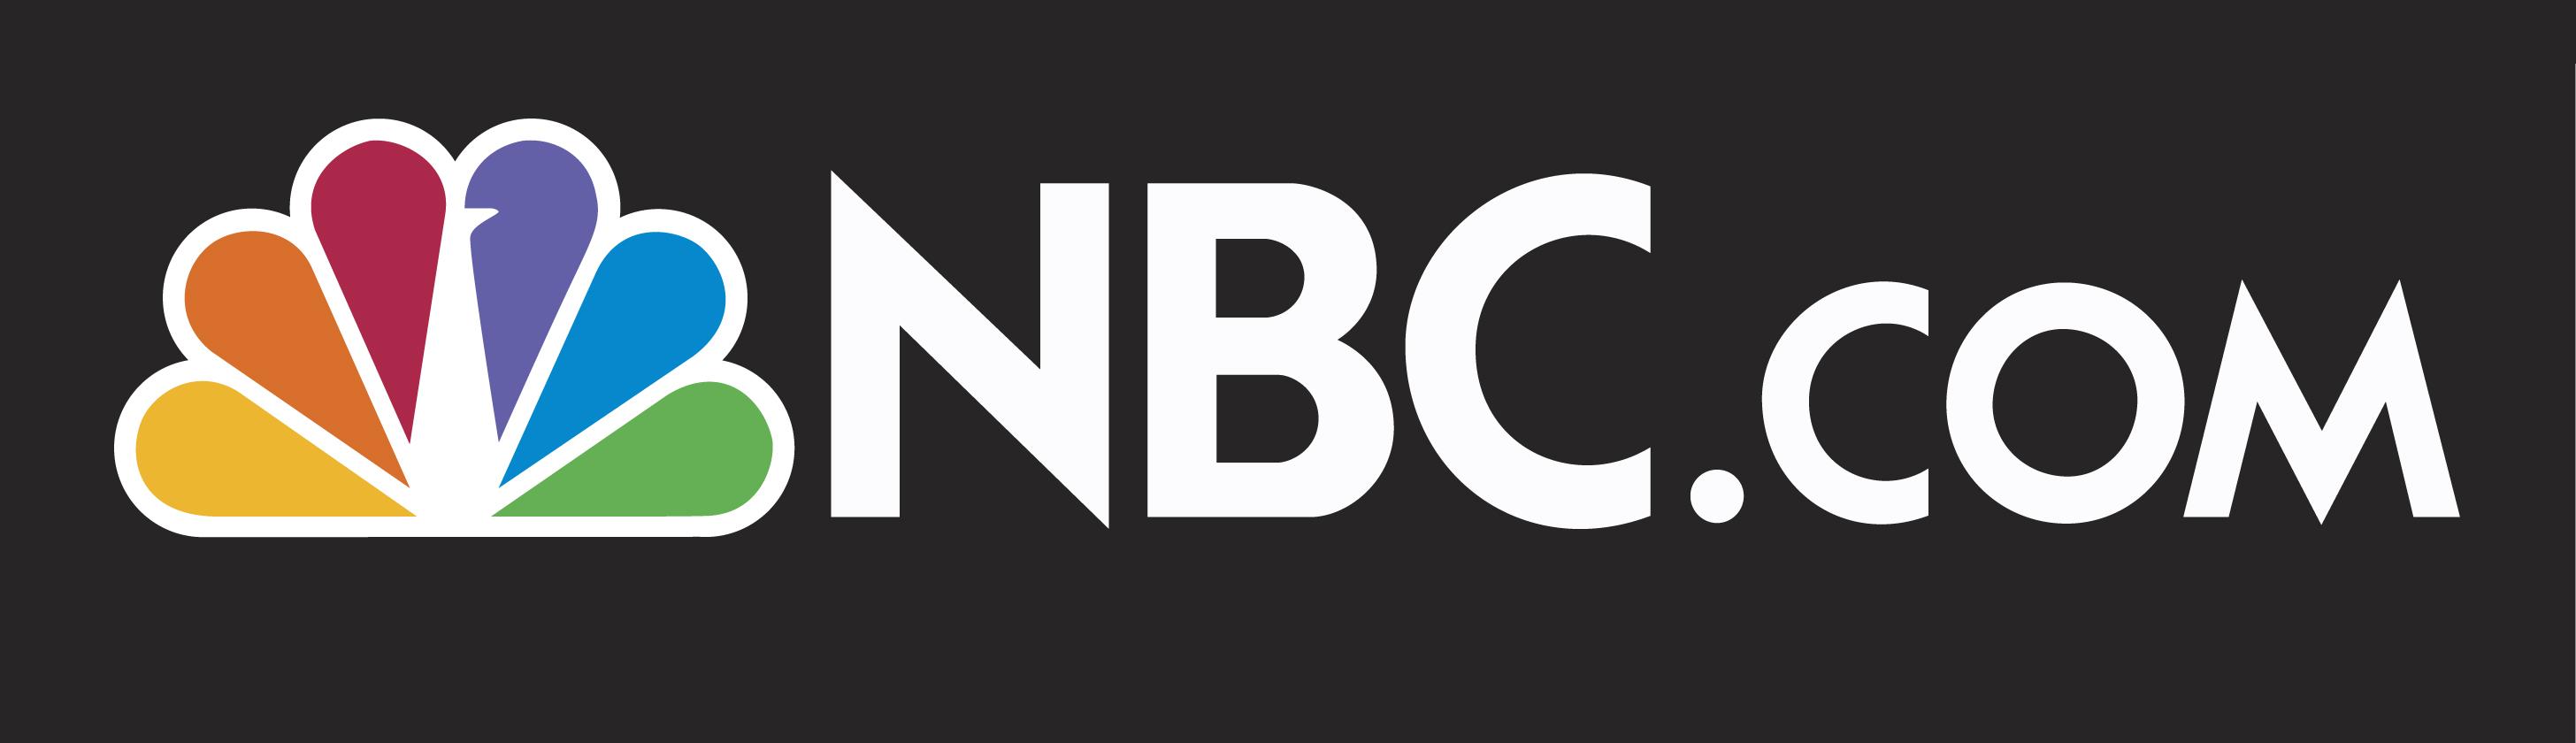 nbc Biggest Loser, nbc.com Biggest Loser